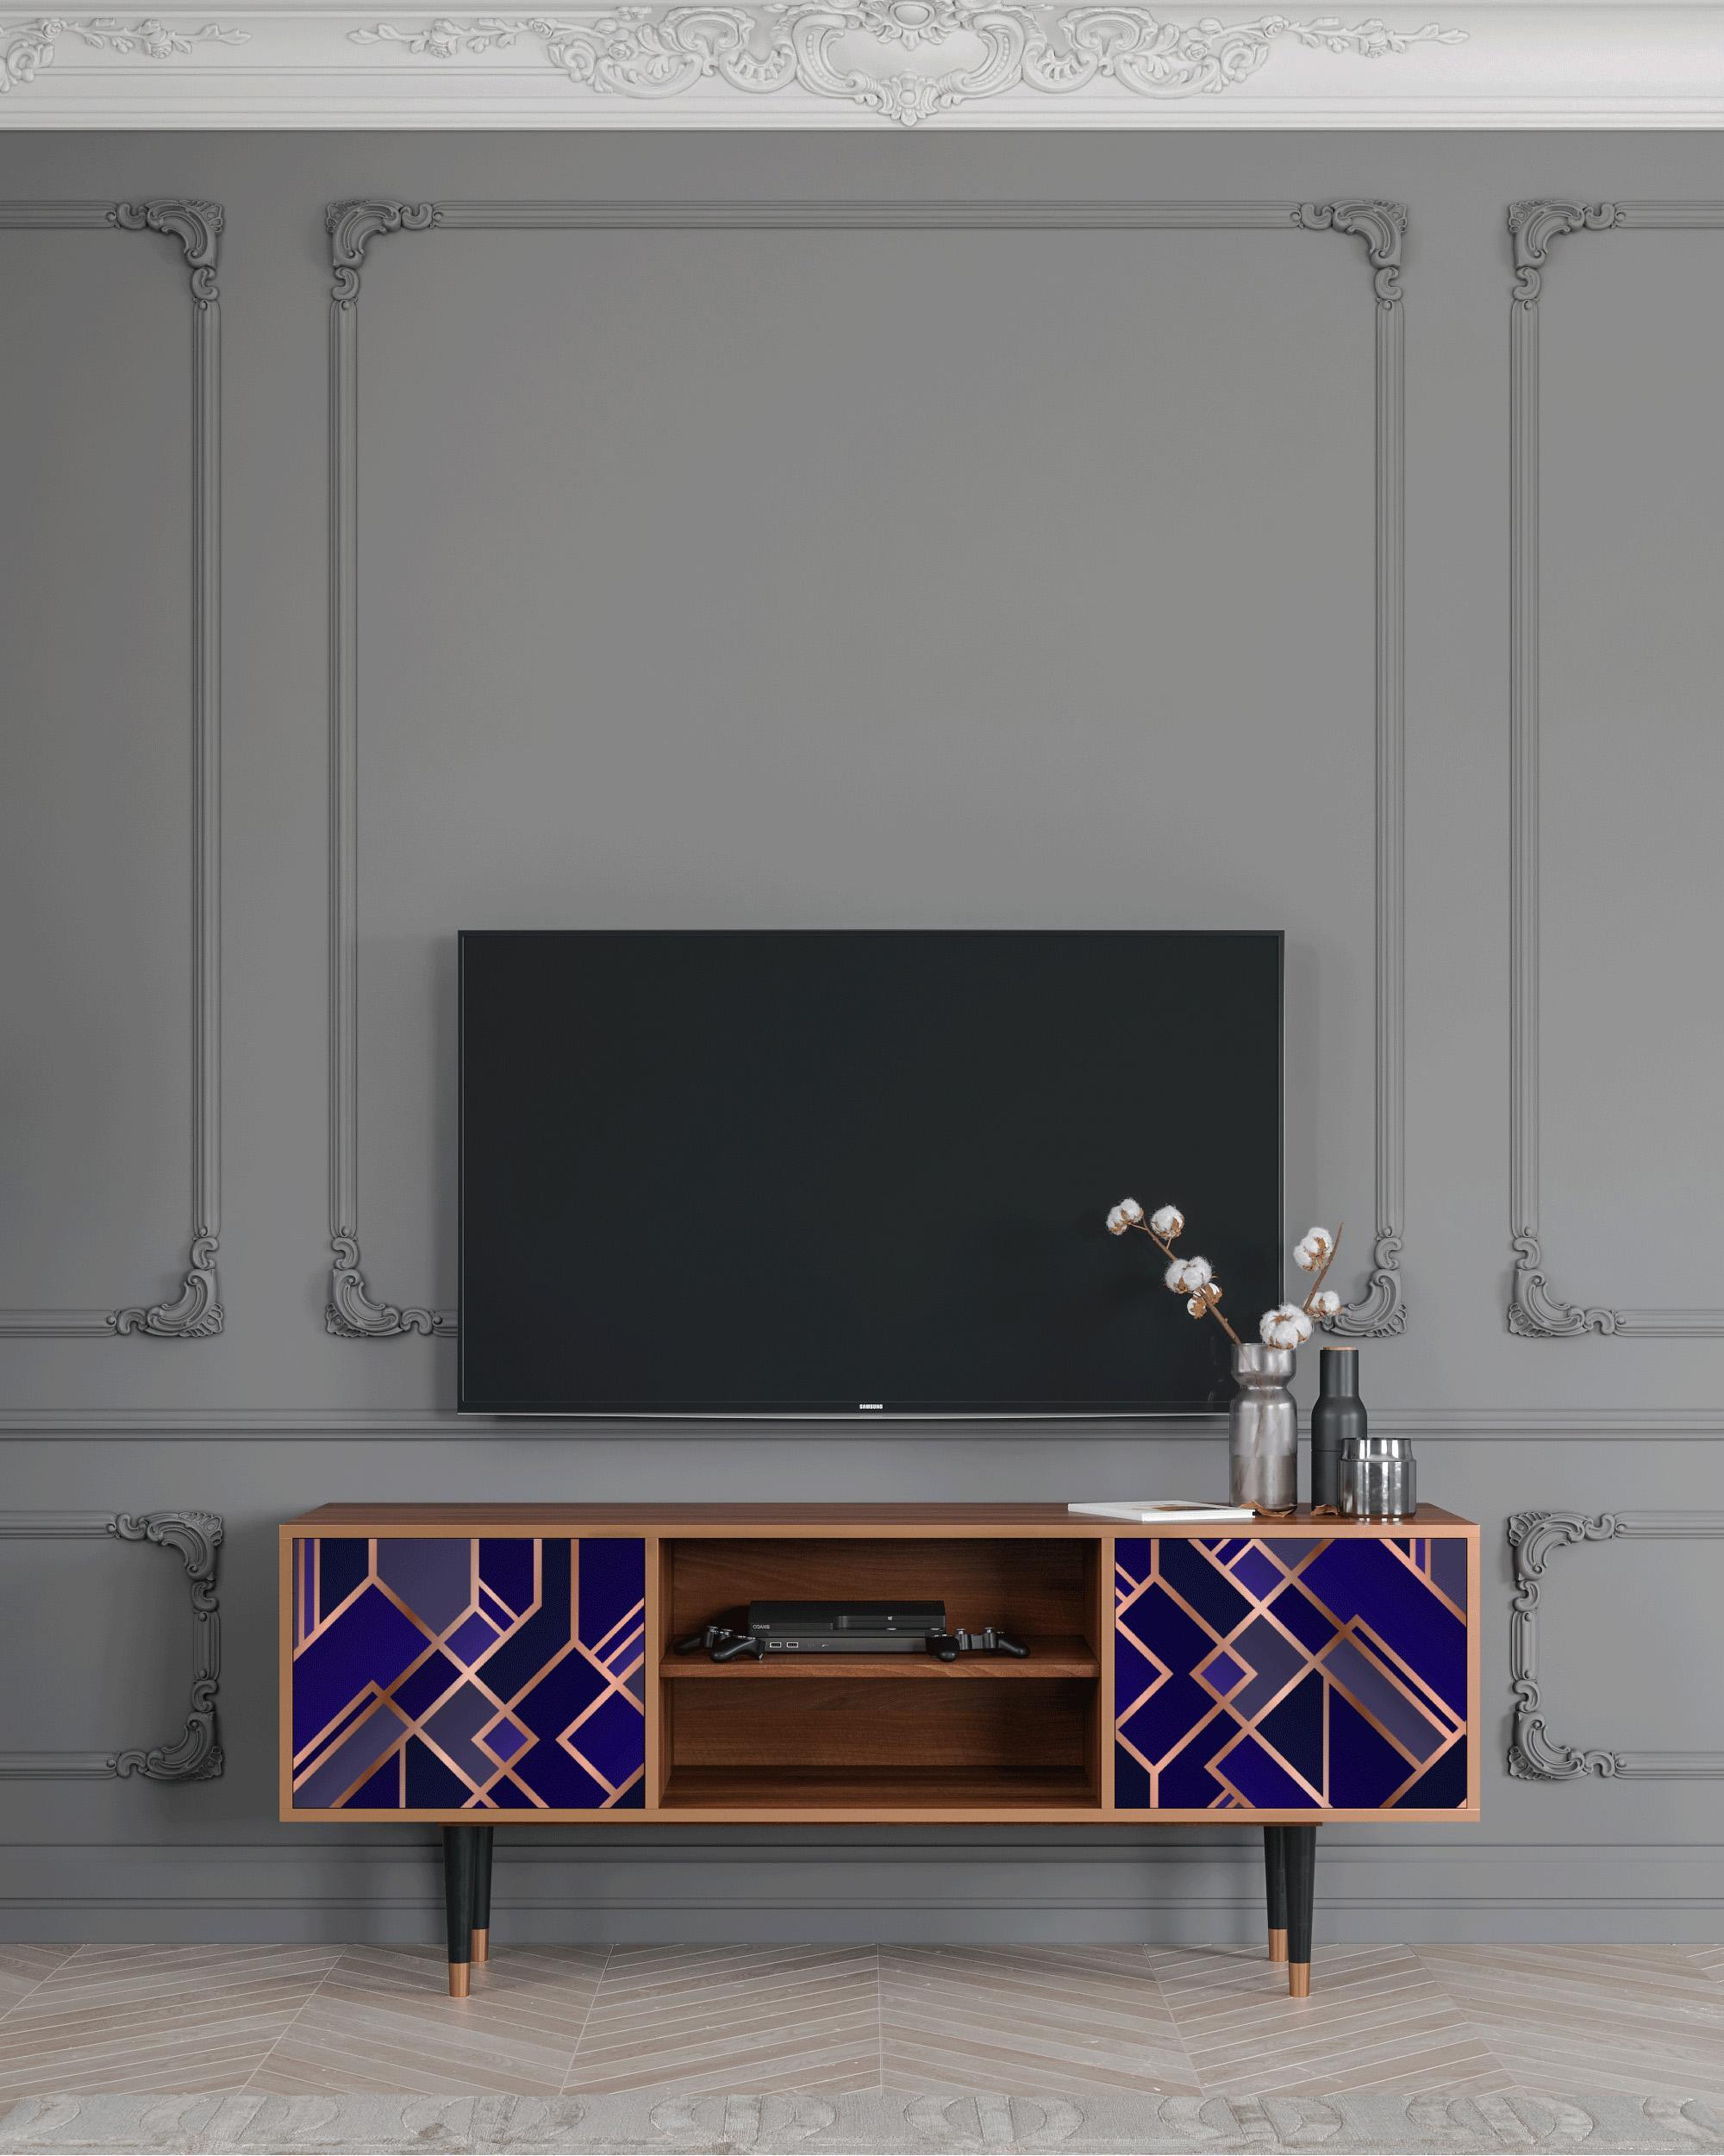 Meuble TV aigue-marine 170cm 2 portes